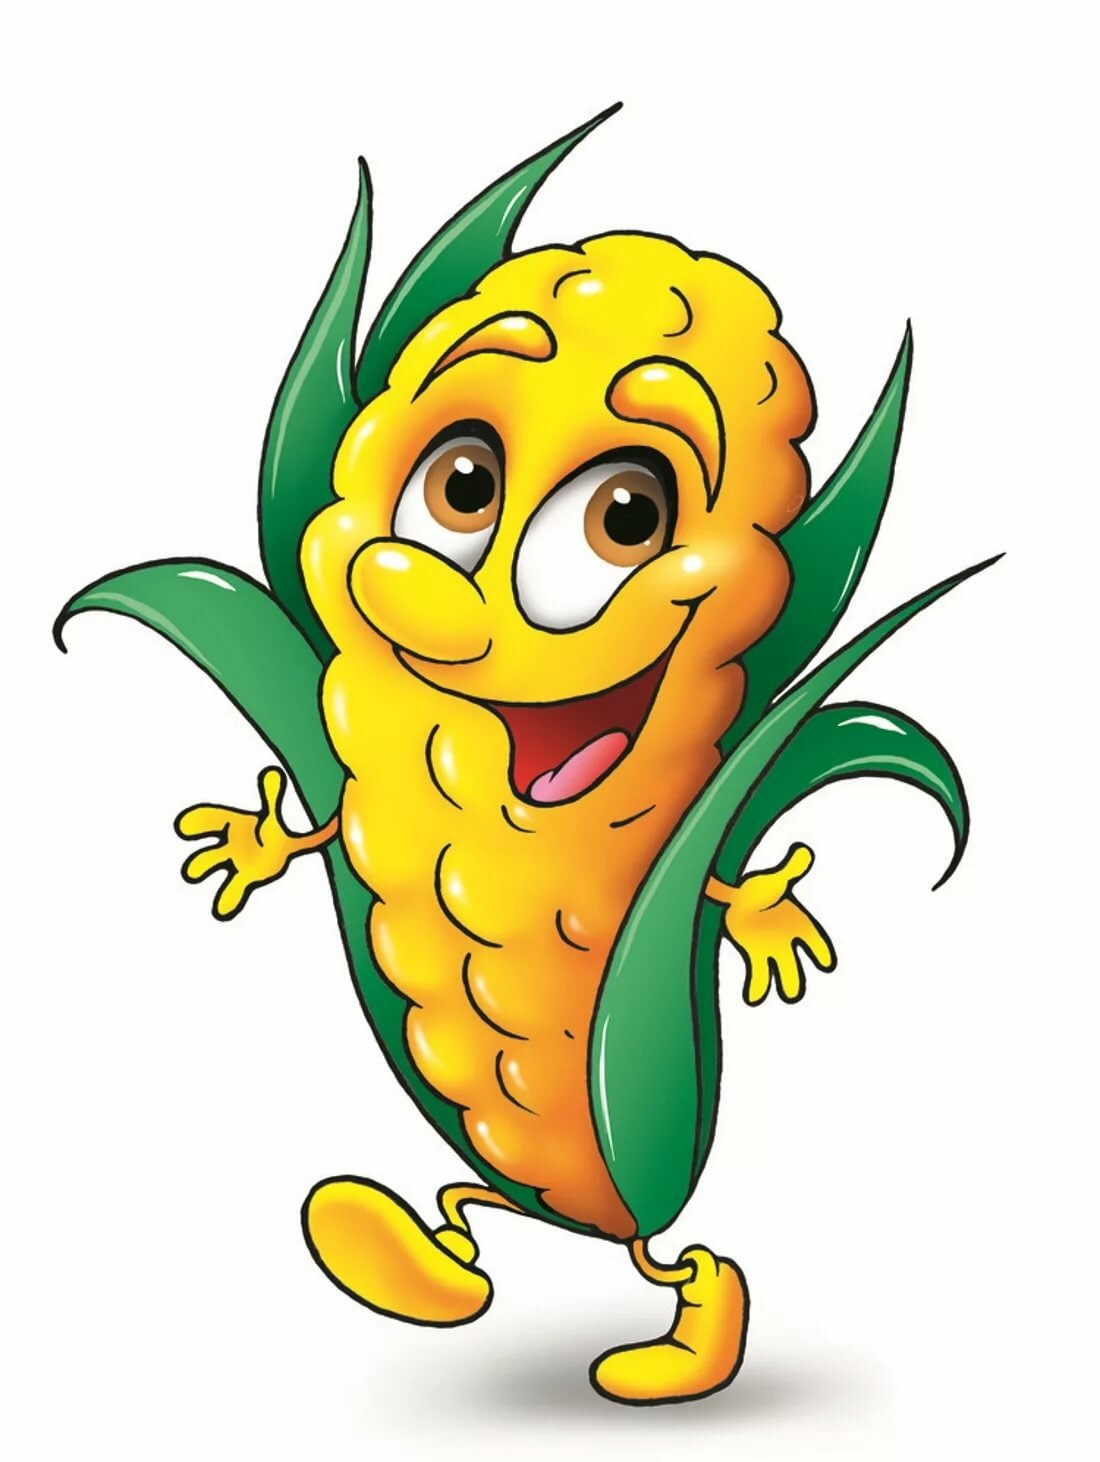 Картинки для детей веселые овощи и фрукты